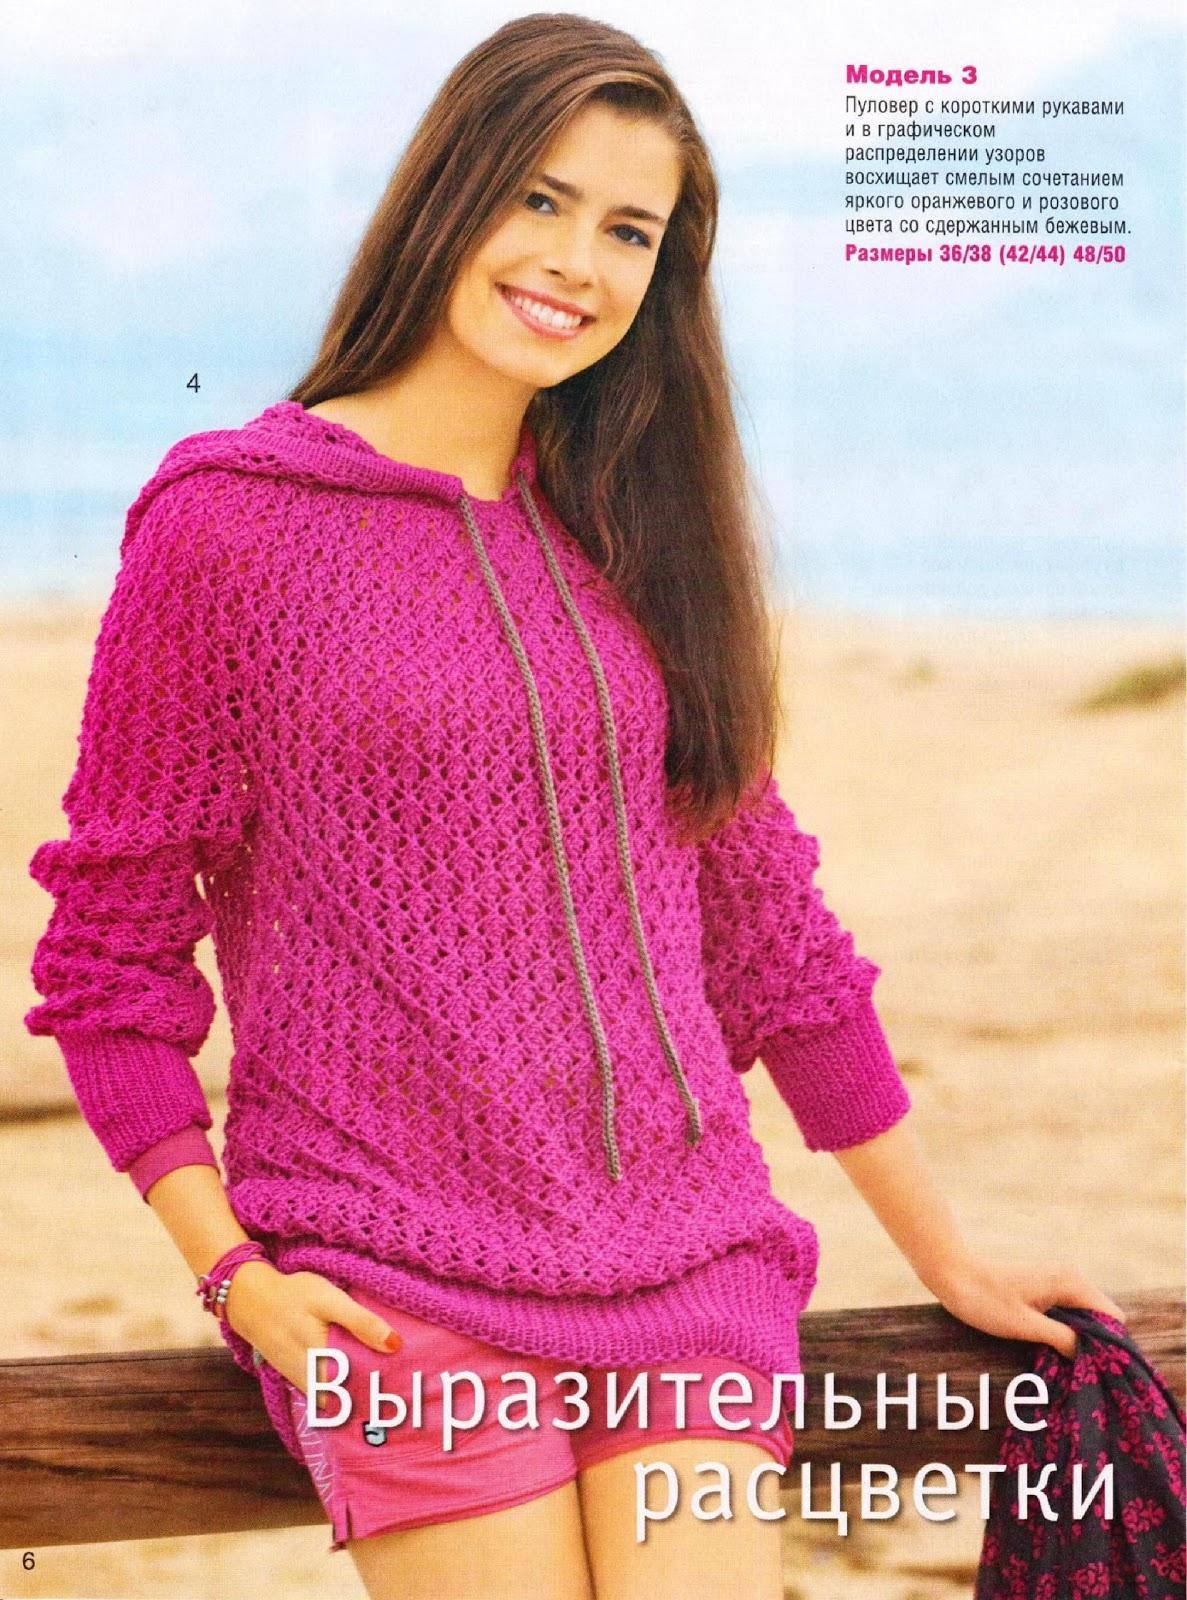 Вязание спицами.  Модели и схемы для вязания. ... мастерицам пригодятся схемы женских кофт на.